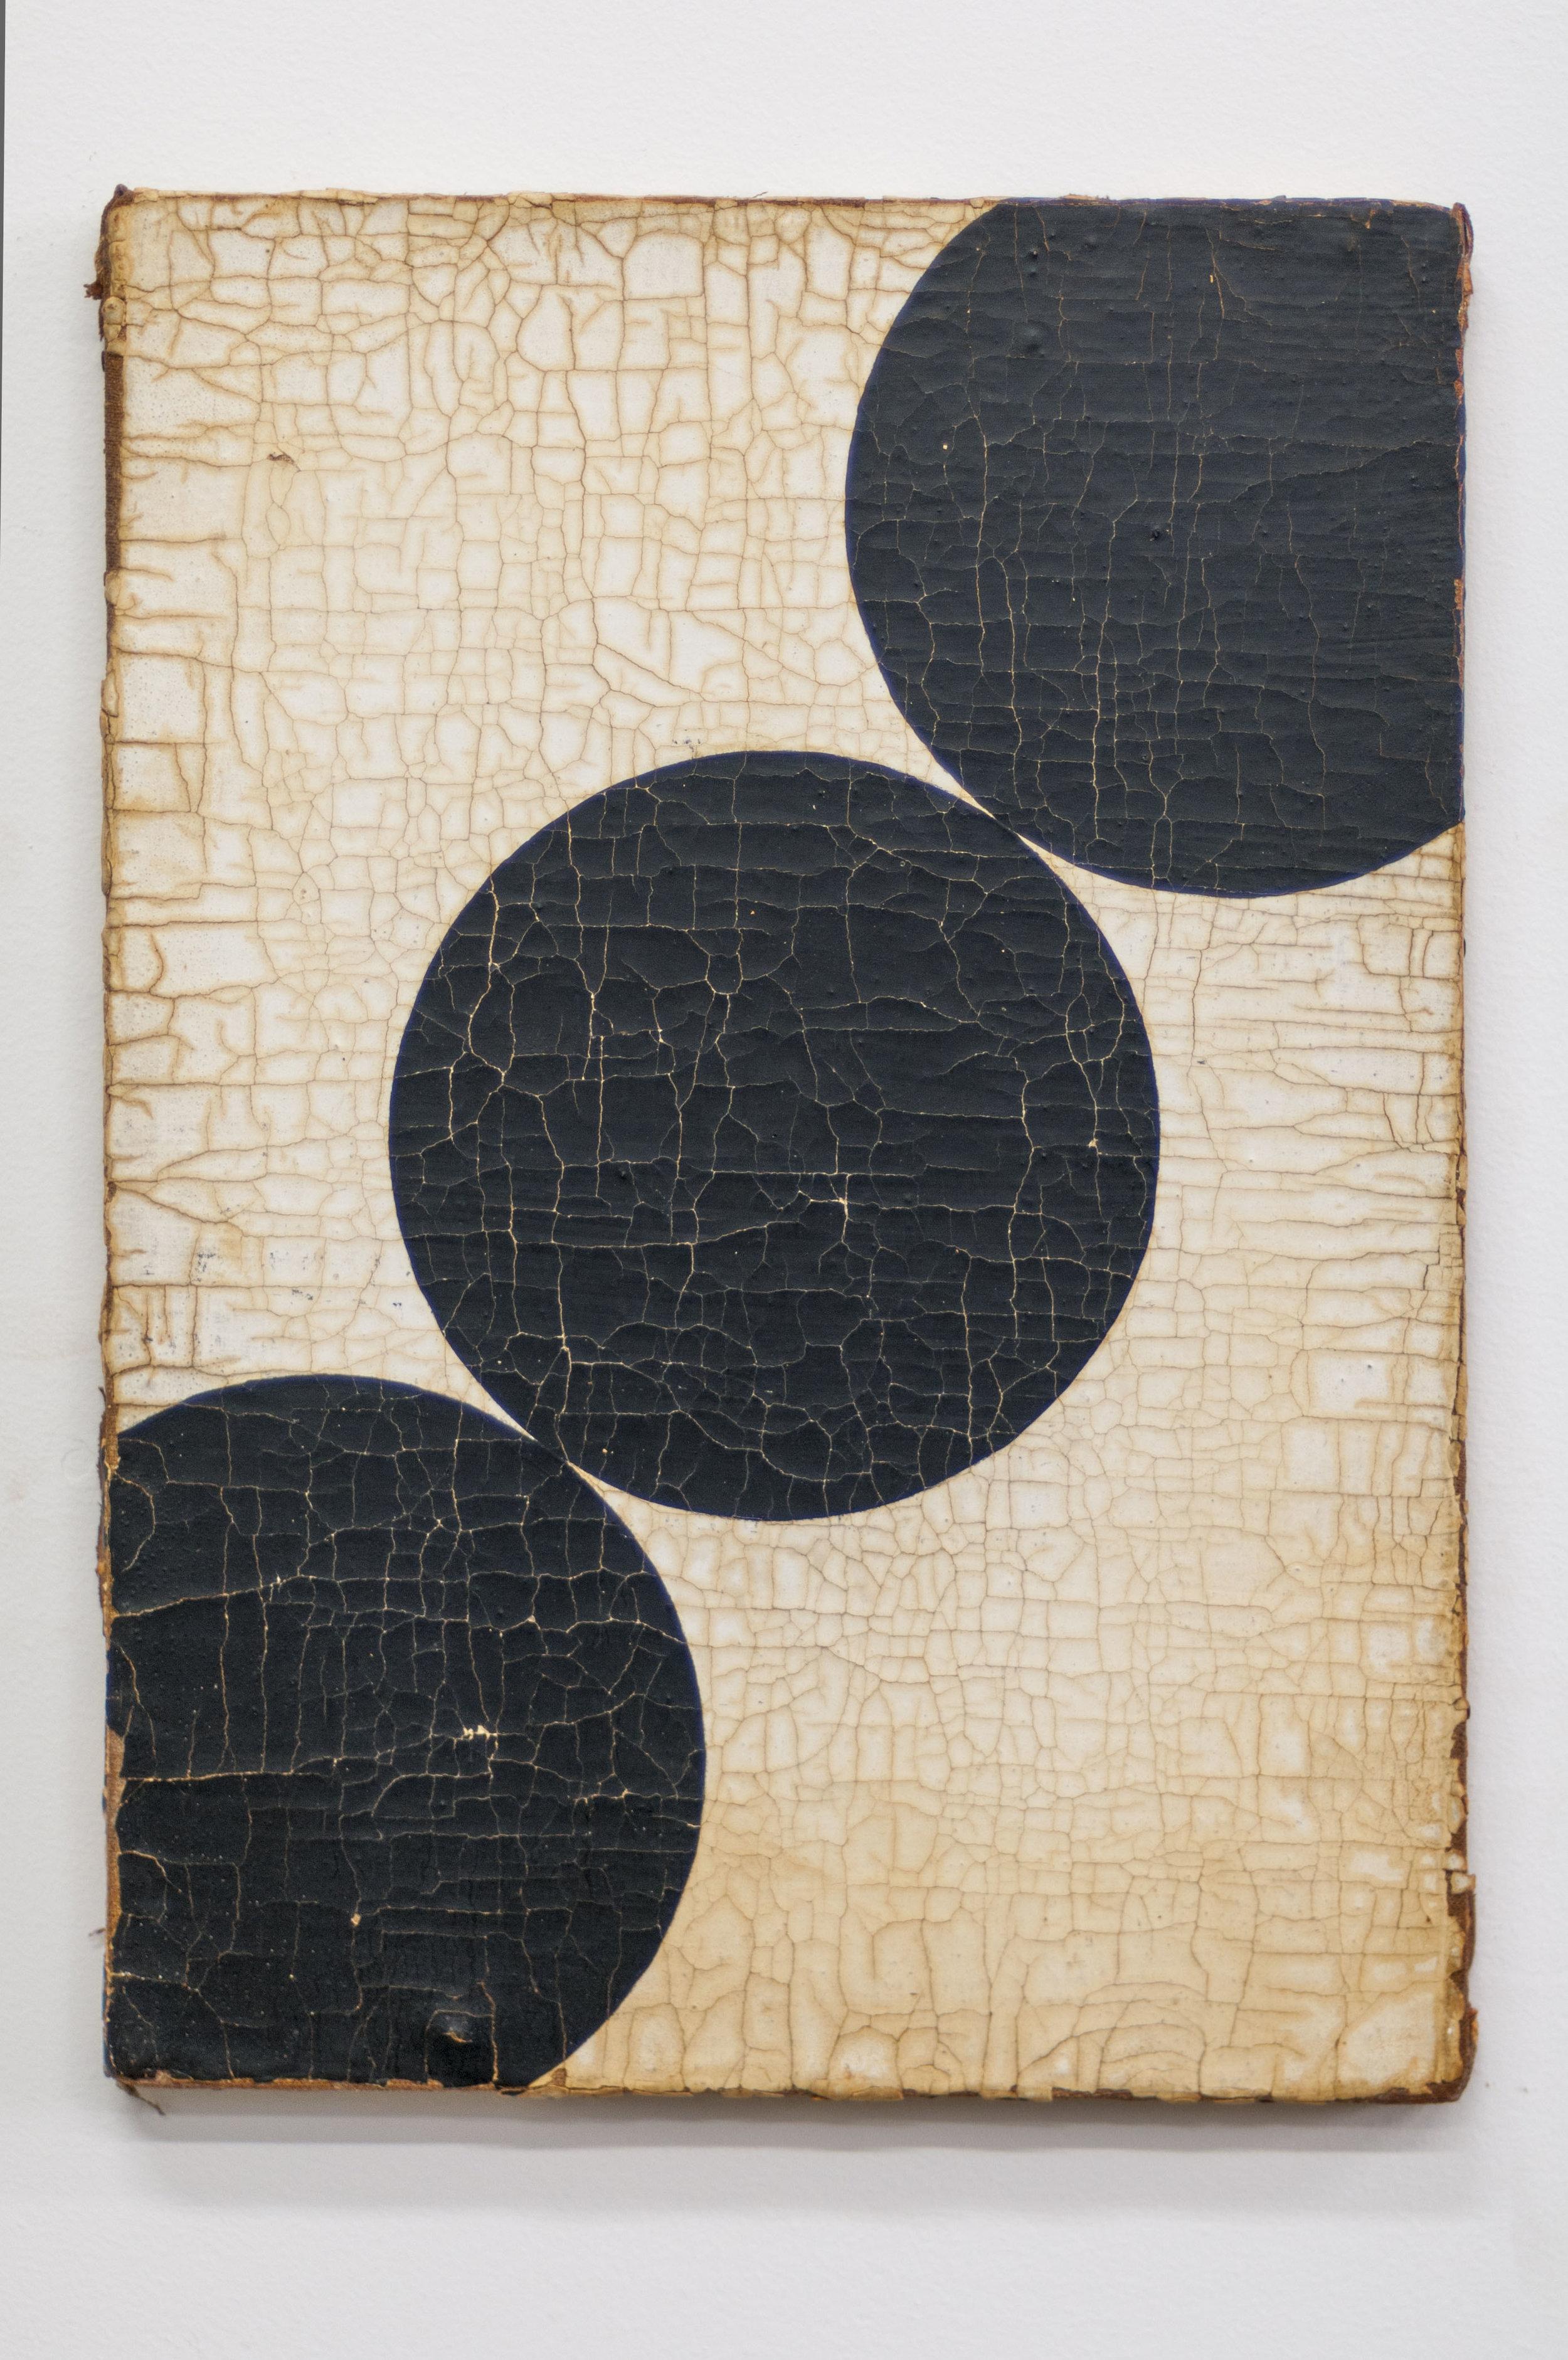 Dieter Schuhmach, 2016 oil on linen 42 x 28 cm - 16 1/2 x 11 inches